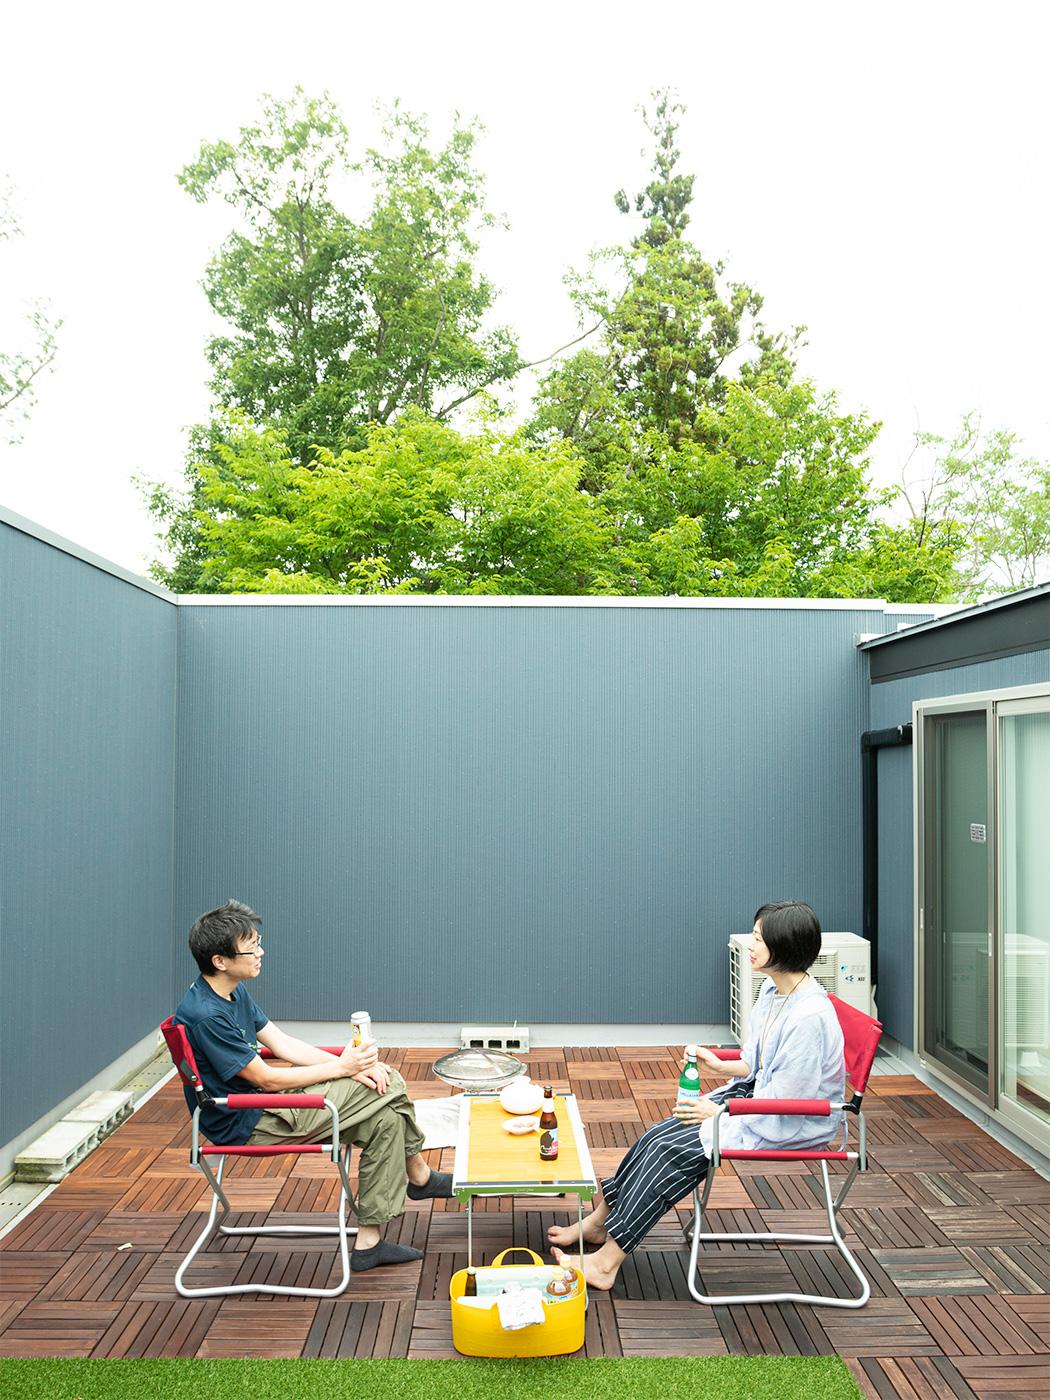 屋上は夫婦でゆっくり過ごすのにちょうどいい場所。ここでBBQを楽しむことも。